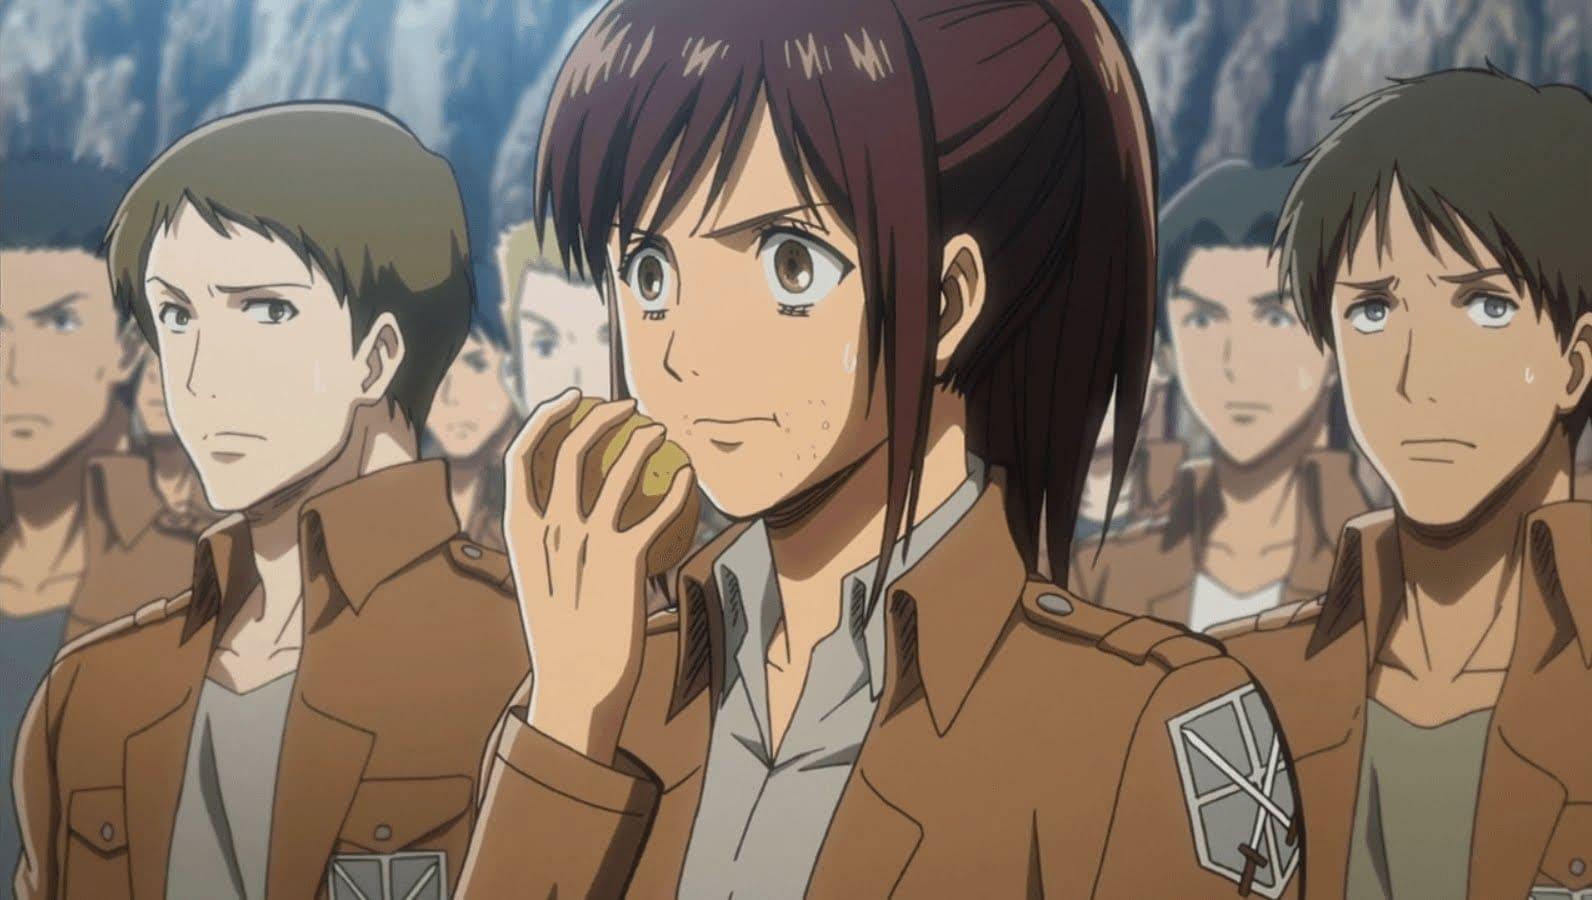 At Kuyruğu En Çok Yakışan 20 Anime Karakteri